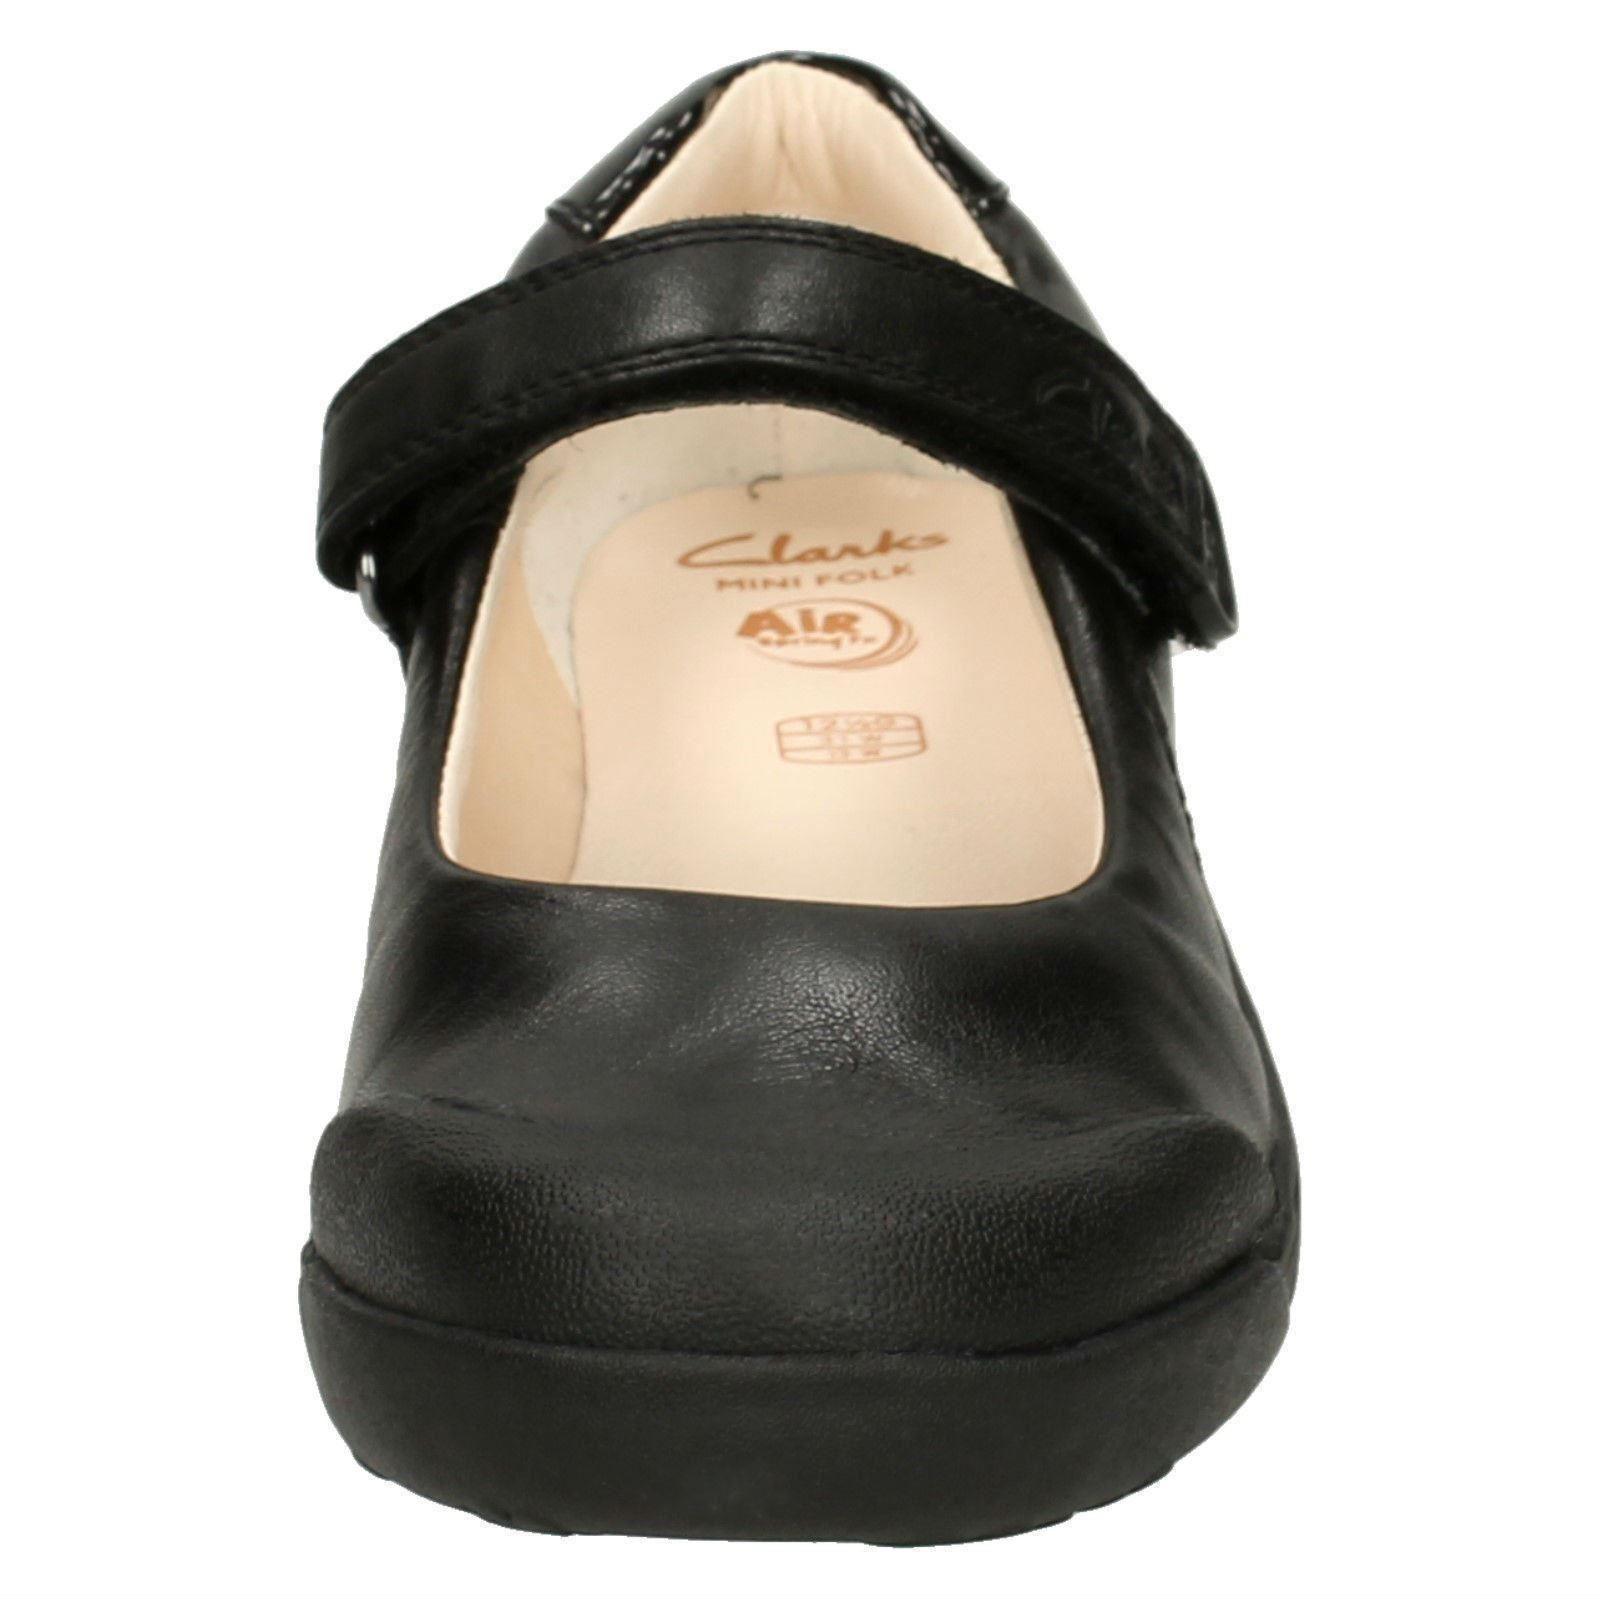 Girls Clarks School Shoes /'Lil Folk Bud/'